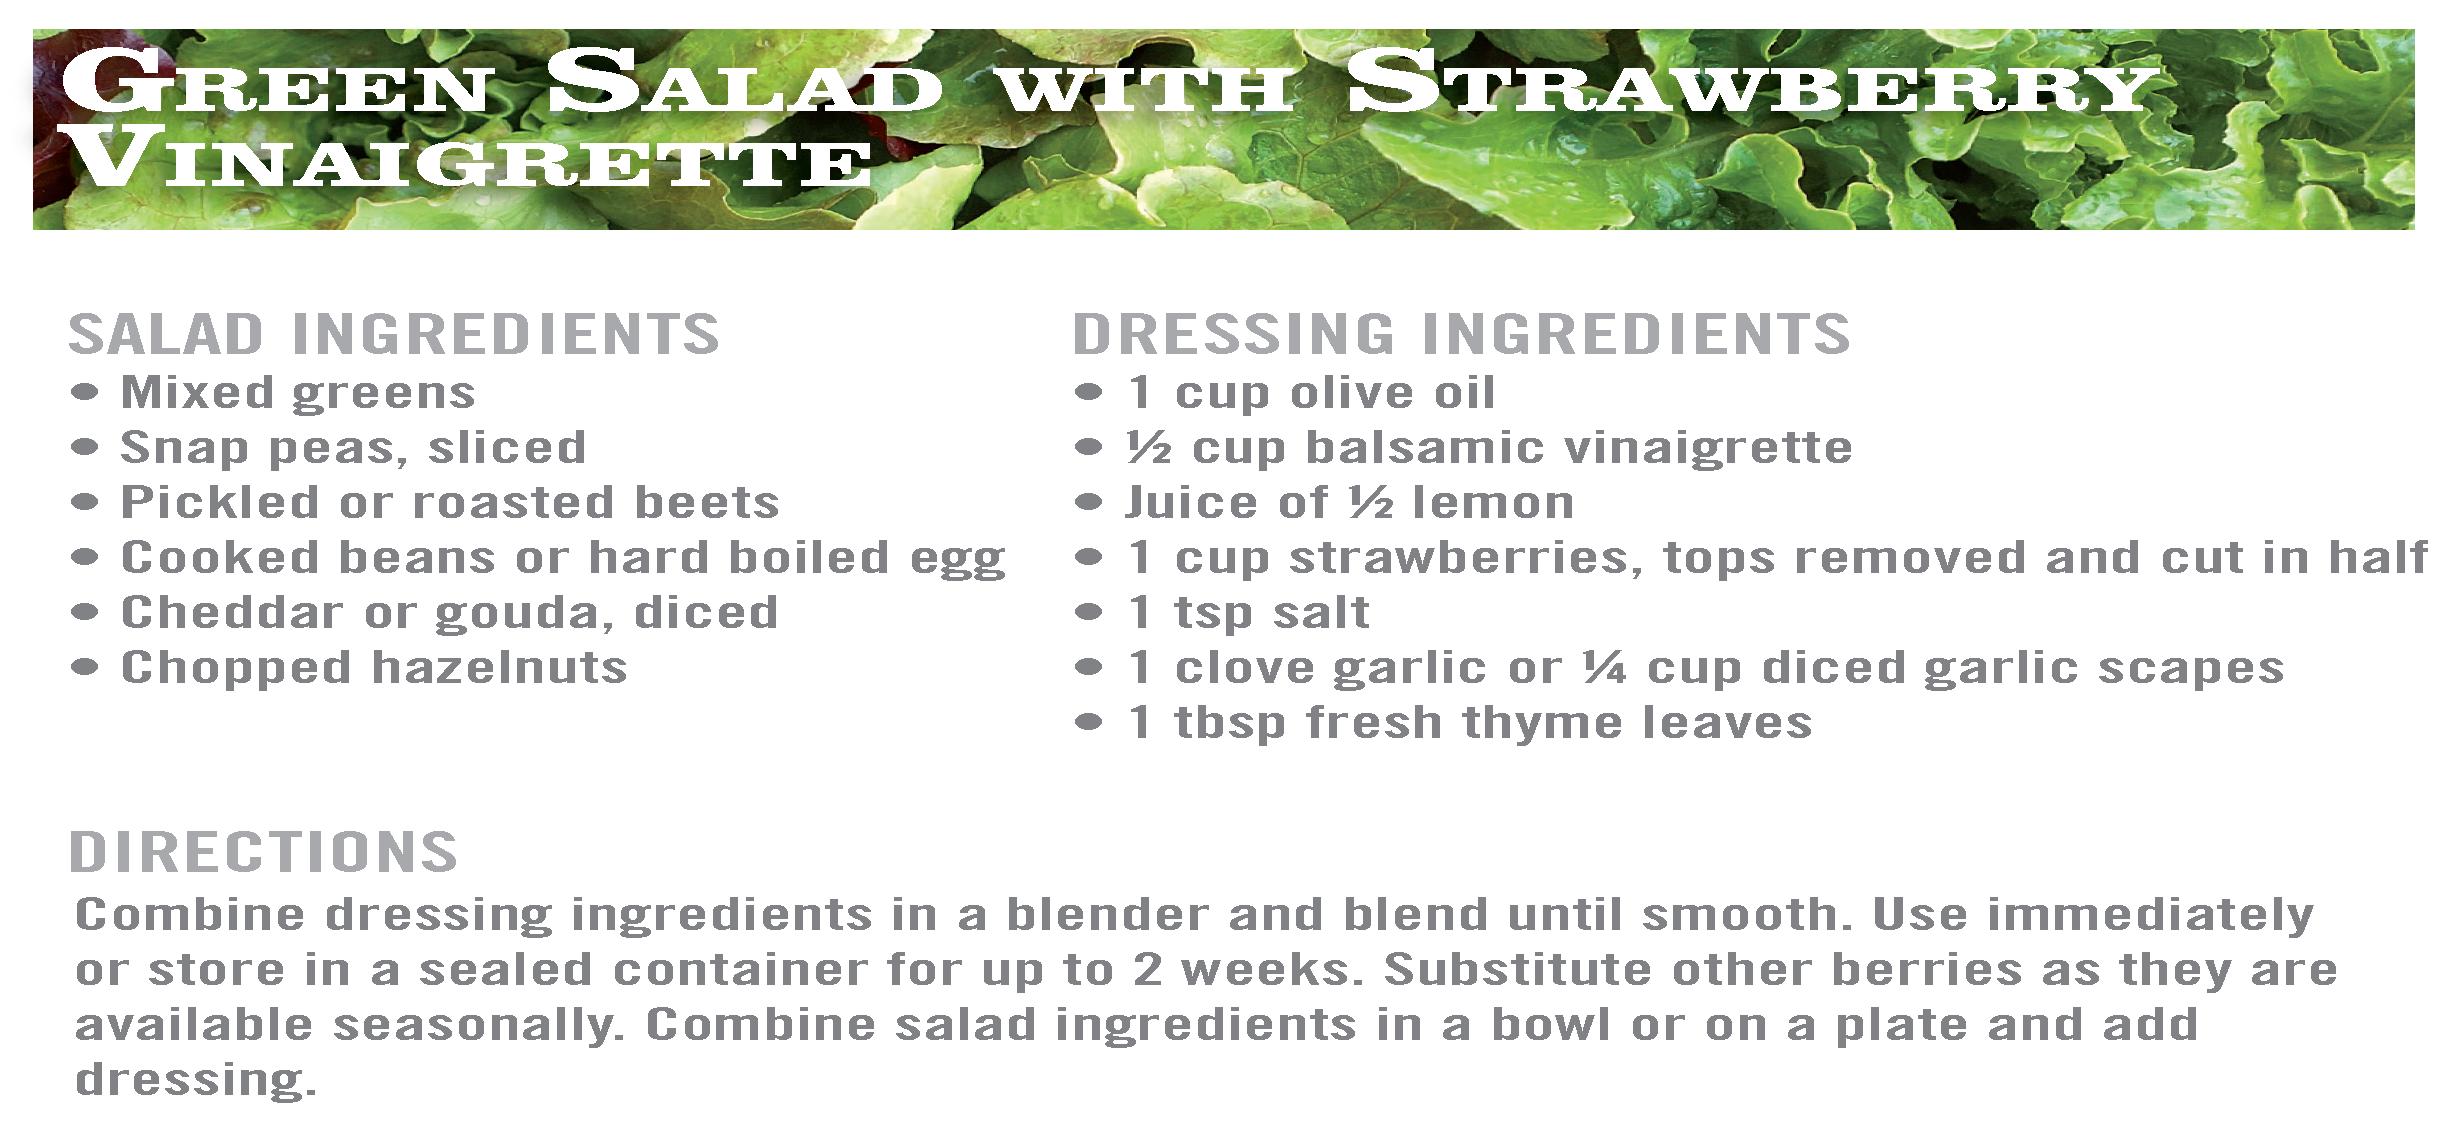 Julyrecipecards-salad-greens